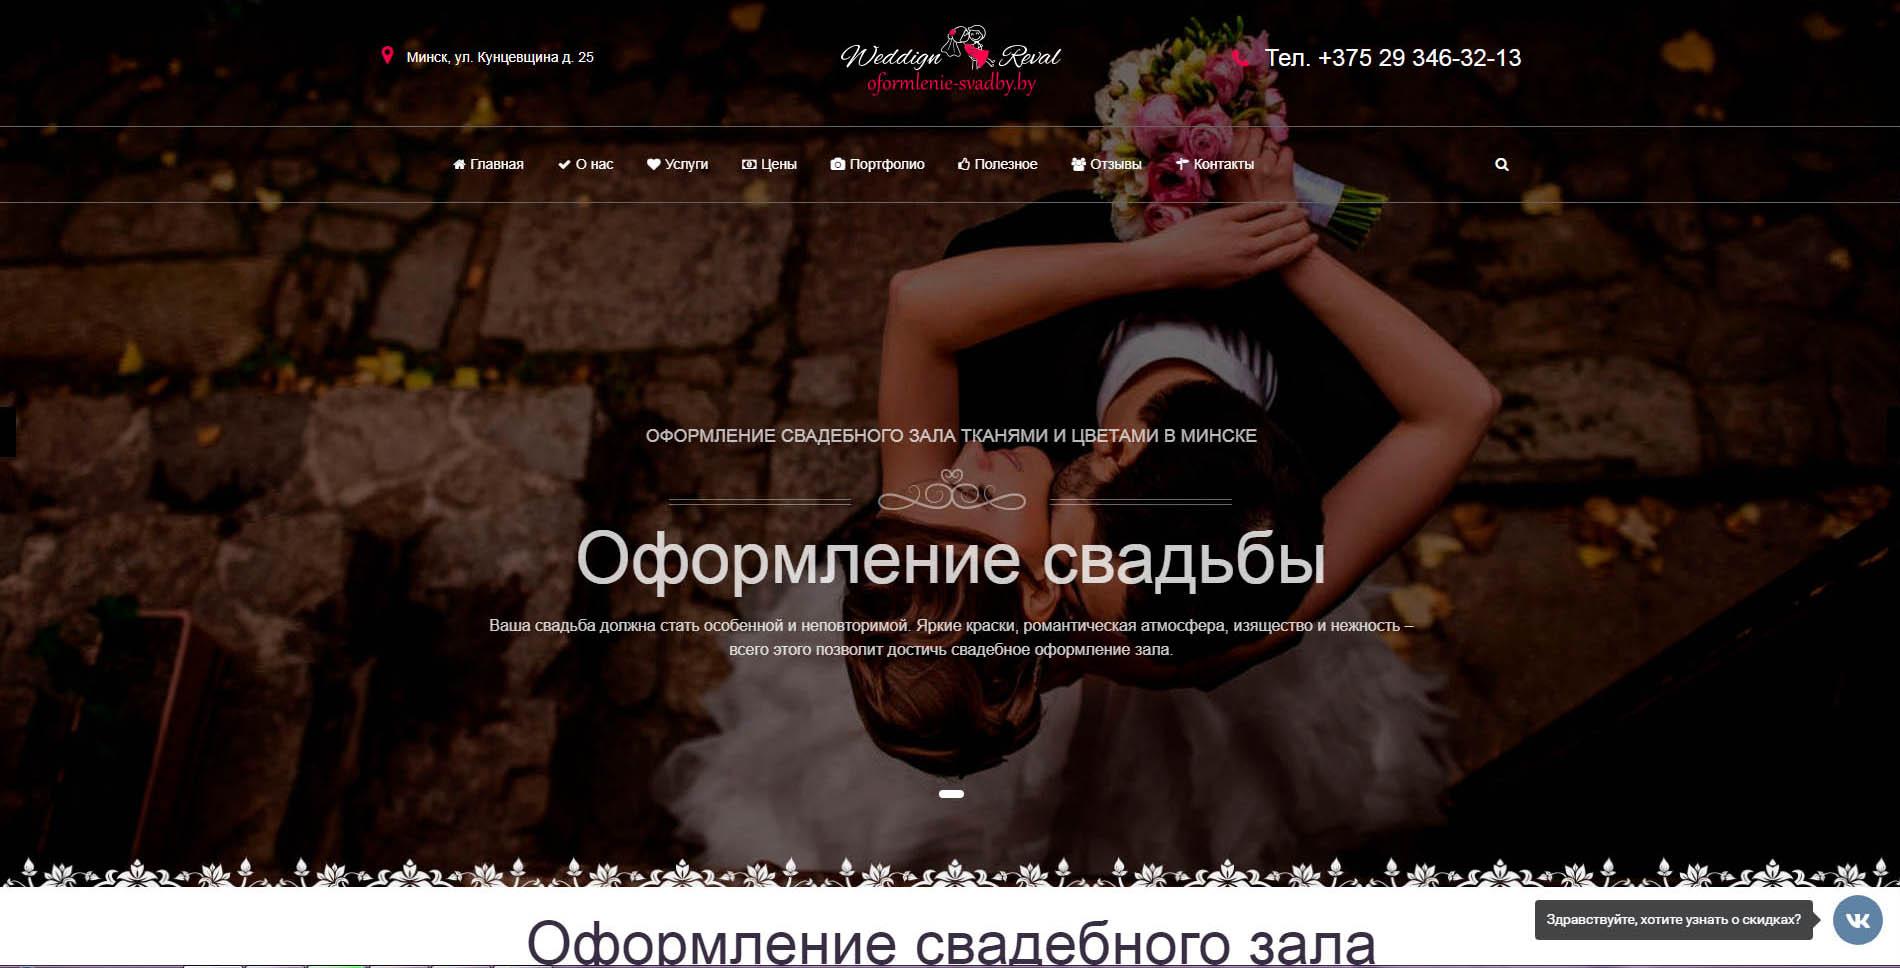 http://razrabotka-sajtov.by/wp-content/uploads/2020/05/oformlenie-svadeb.jpg